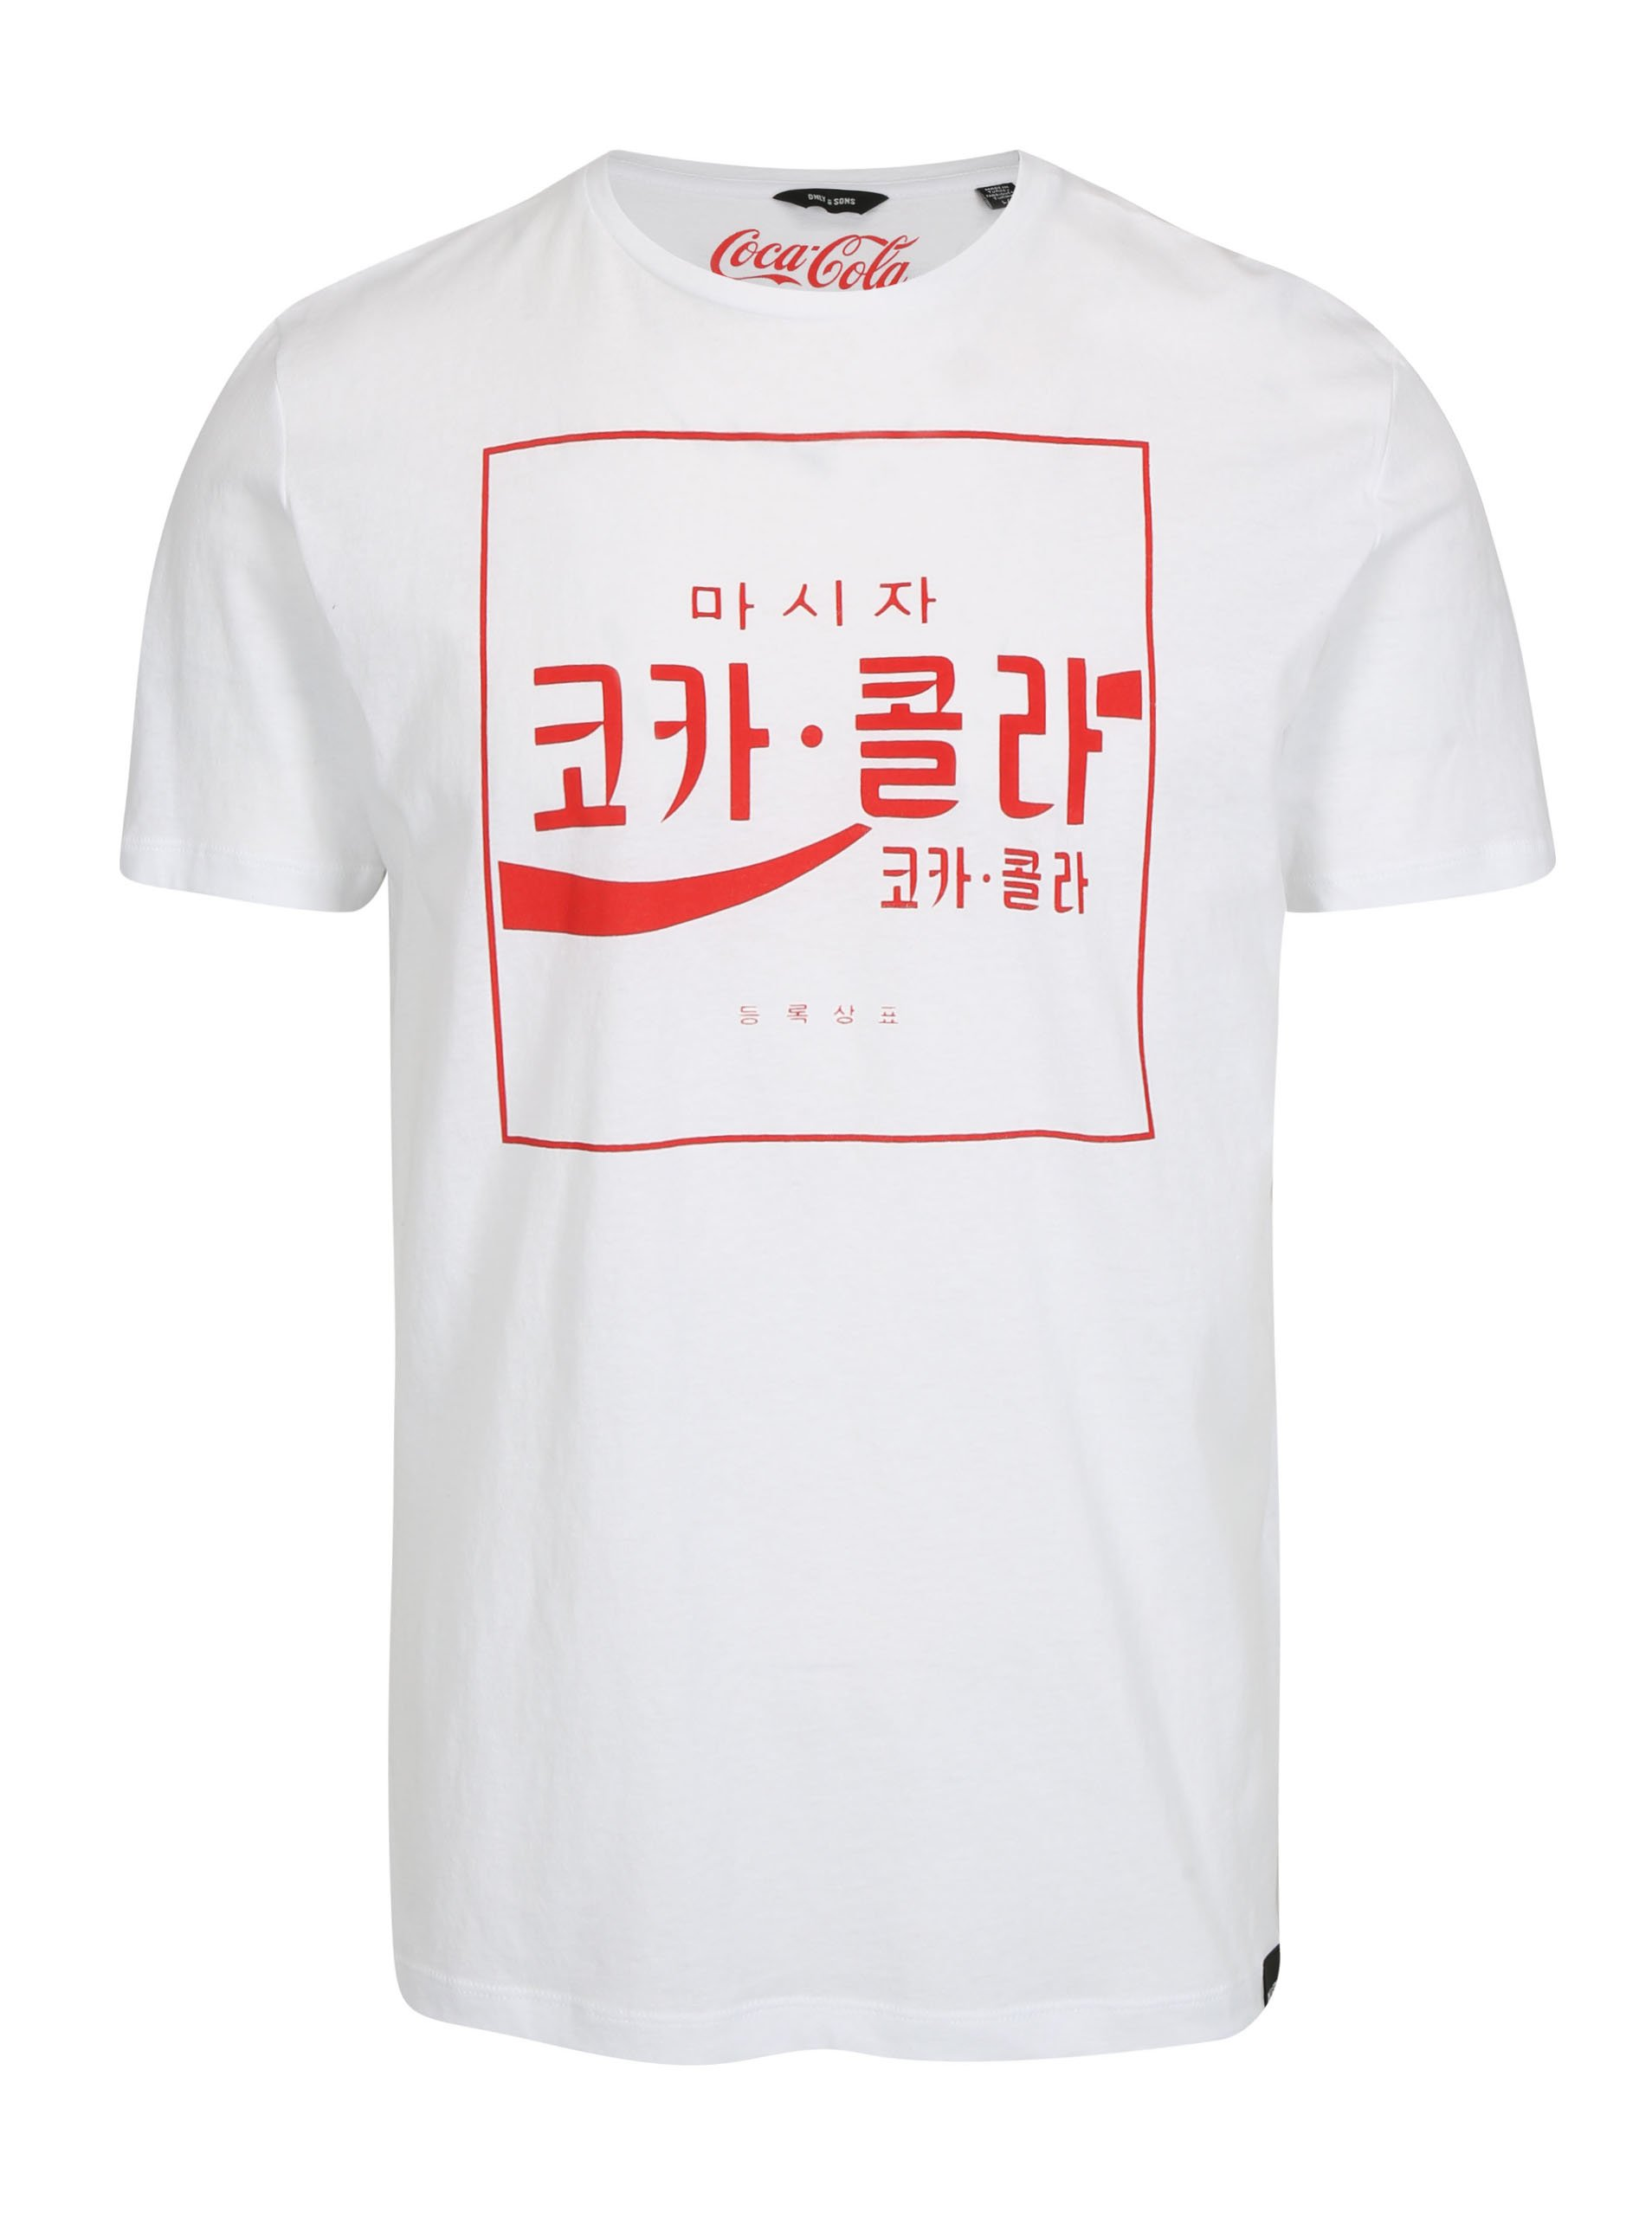 Bílé tričko s potiskem ONLY & SONS Coca Cola